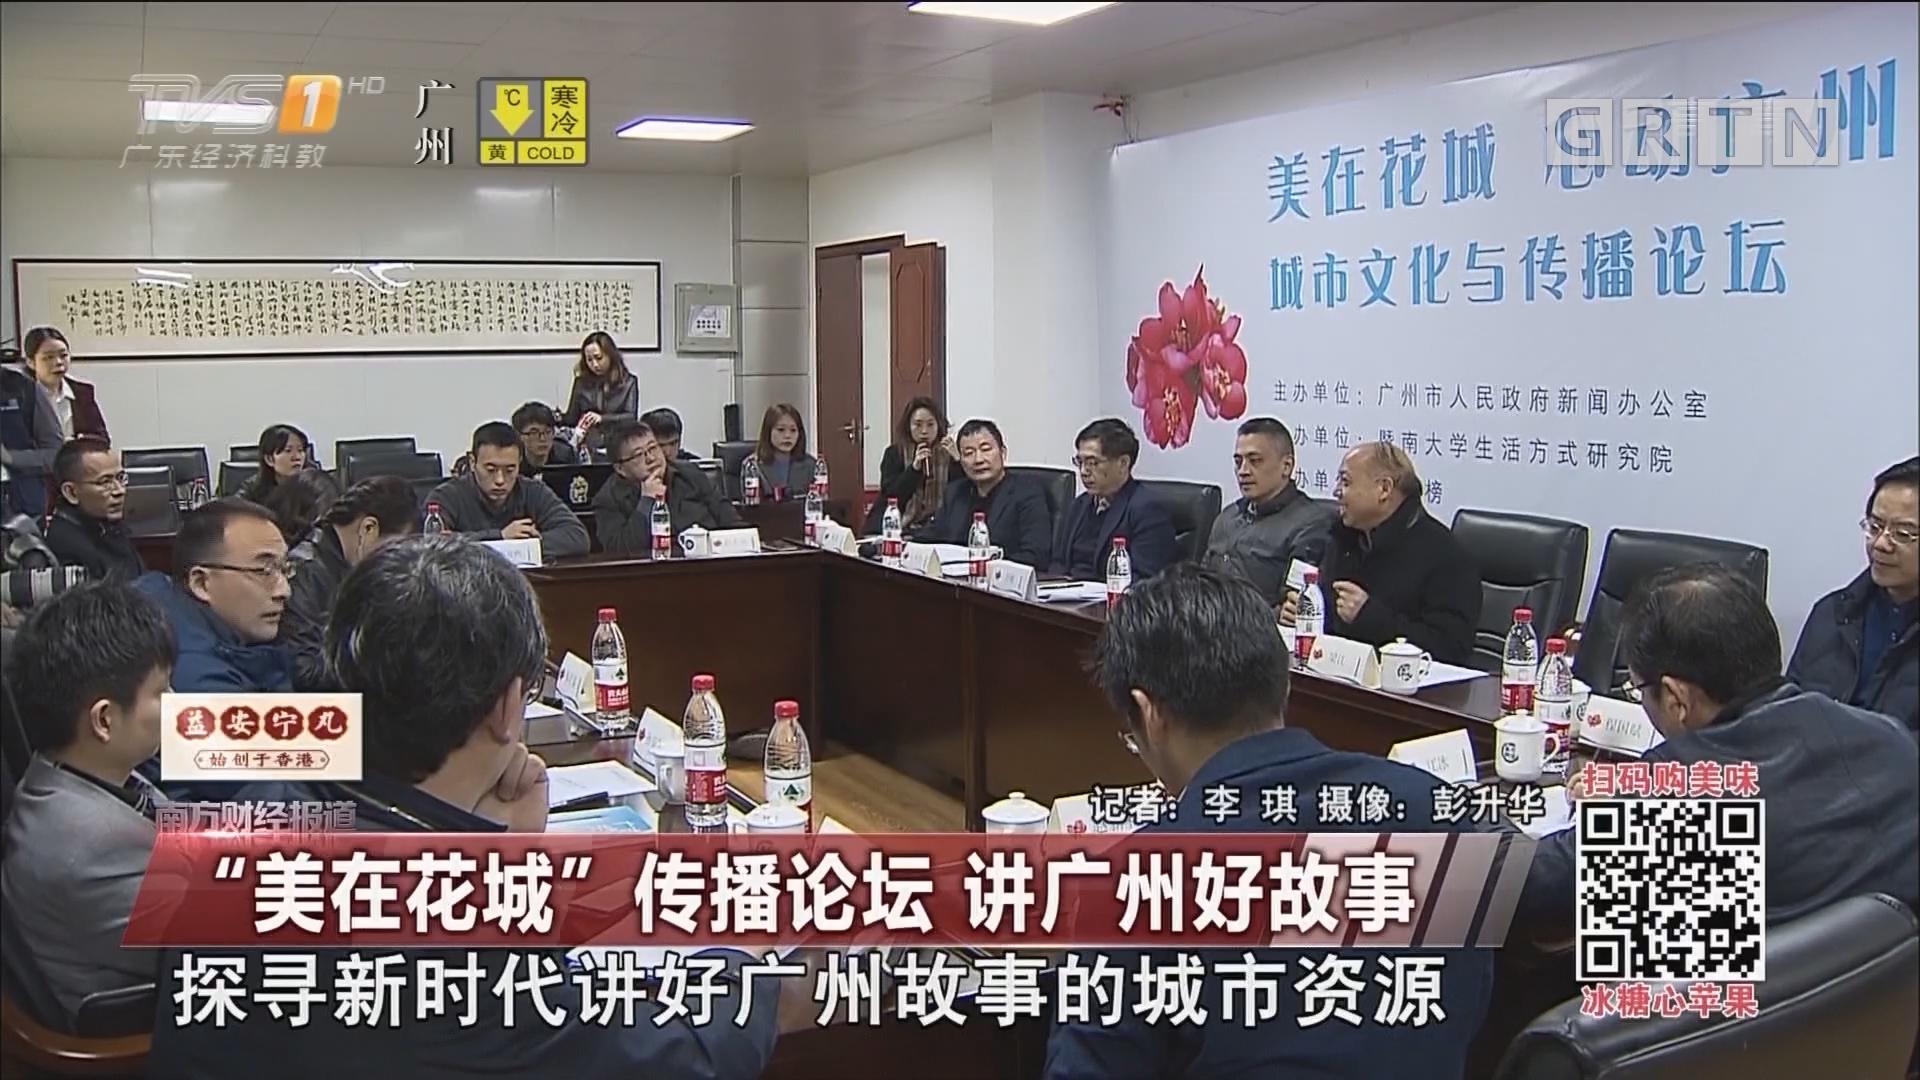 """""""美在花城"""" 传播论坛 讲广州好故事"""